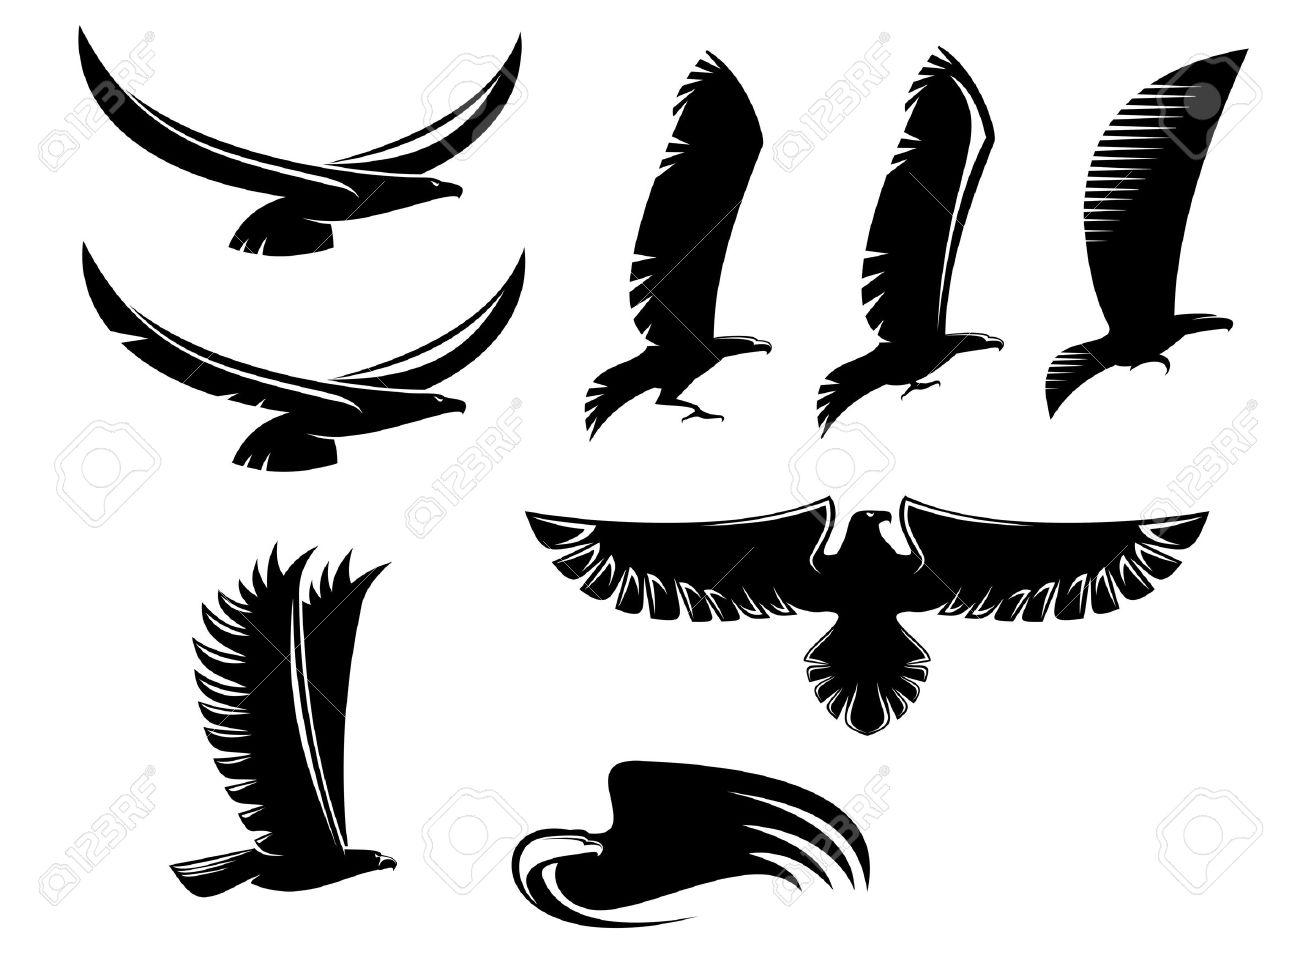 Juego De La Heráldica Pájaros Negros Para El Diseño De Tatuaje O